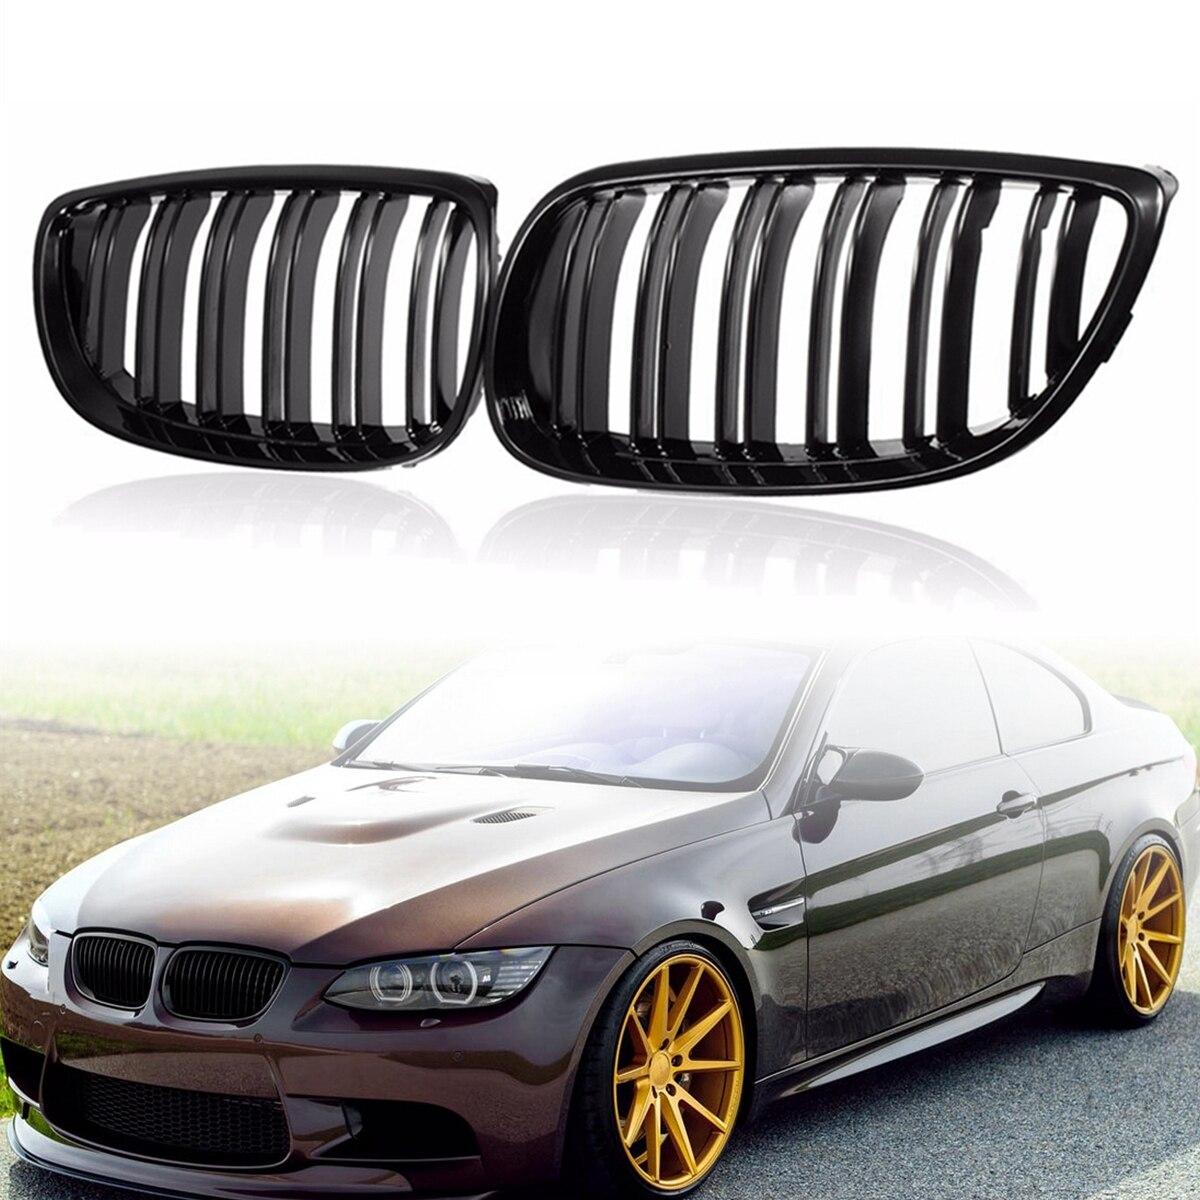 Пара матовый черный/черный глянец M укладки двойная линия спереди почек решетка гриль для BMW 3 серии E92 e93 2007-2010 9 видов